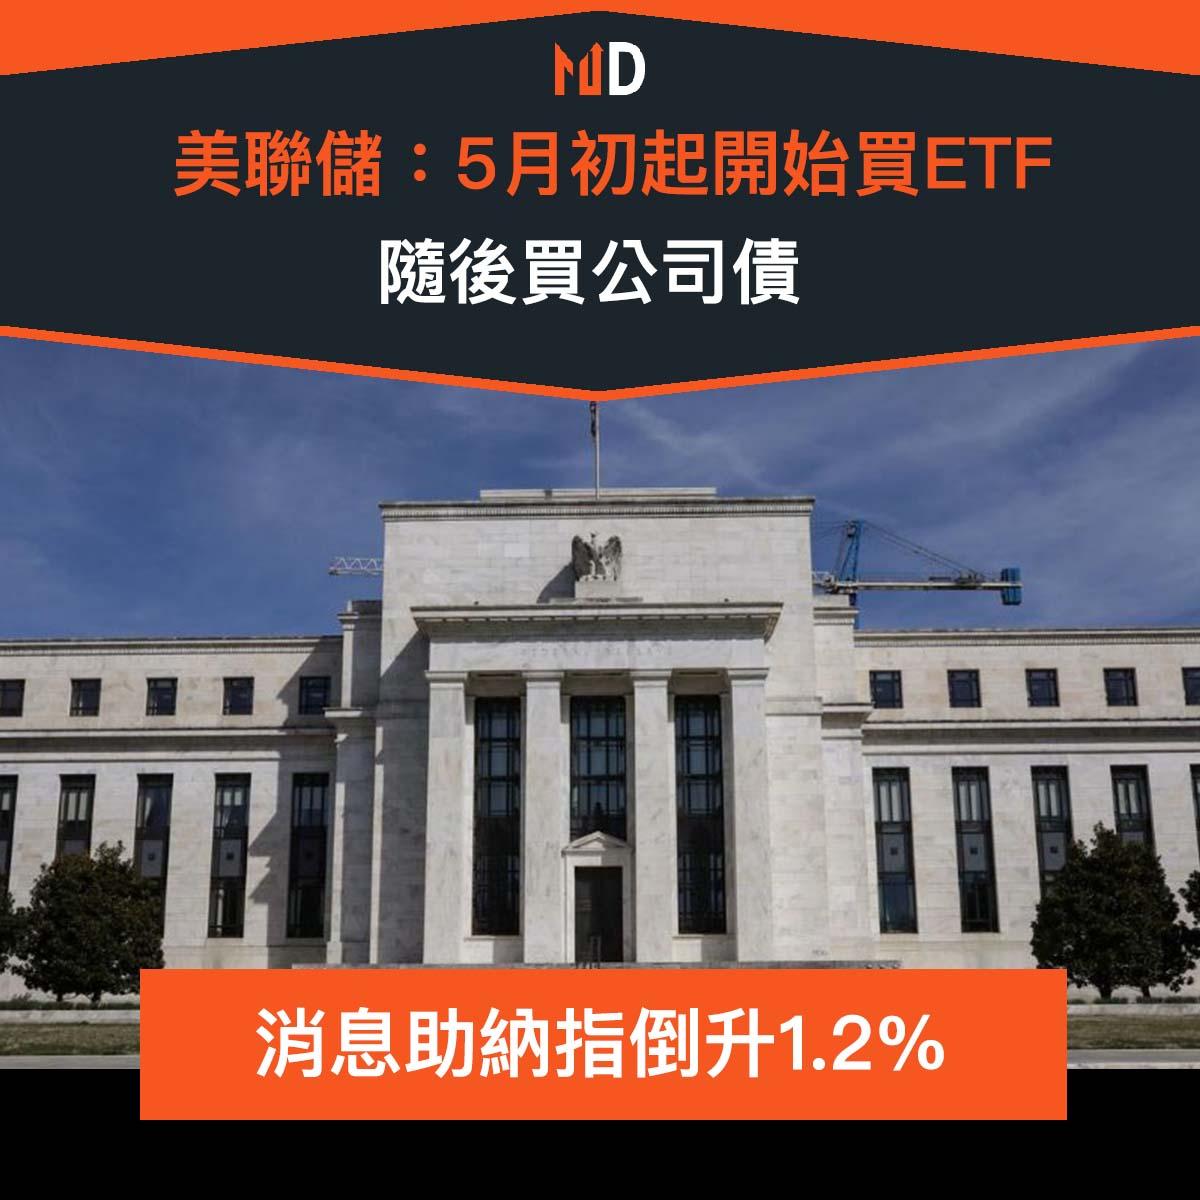 【#市場熱話】美聯儲:5月初起開始買ETF,隨後買公司債